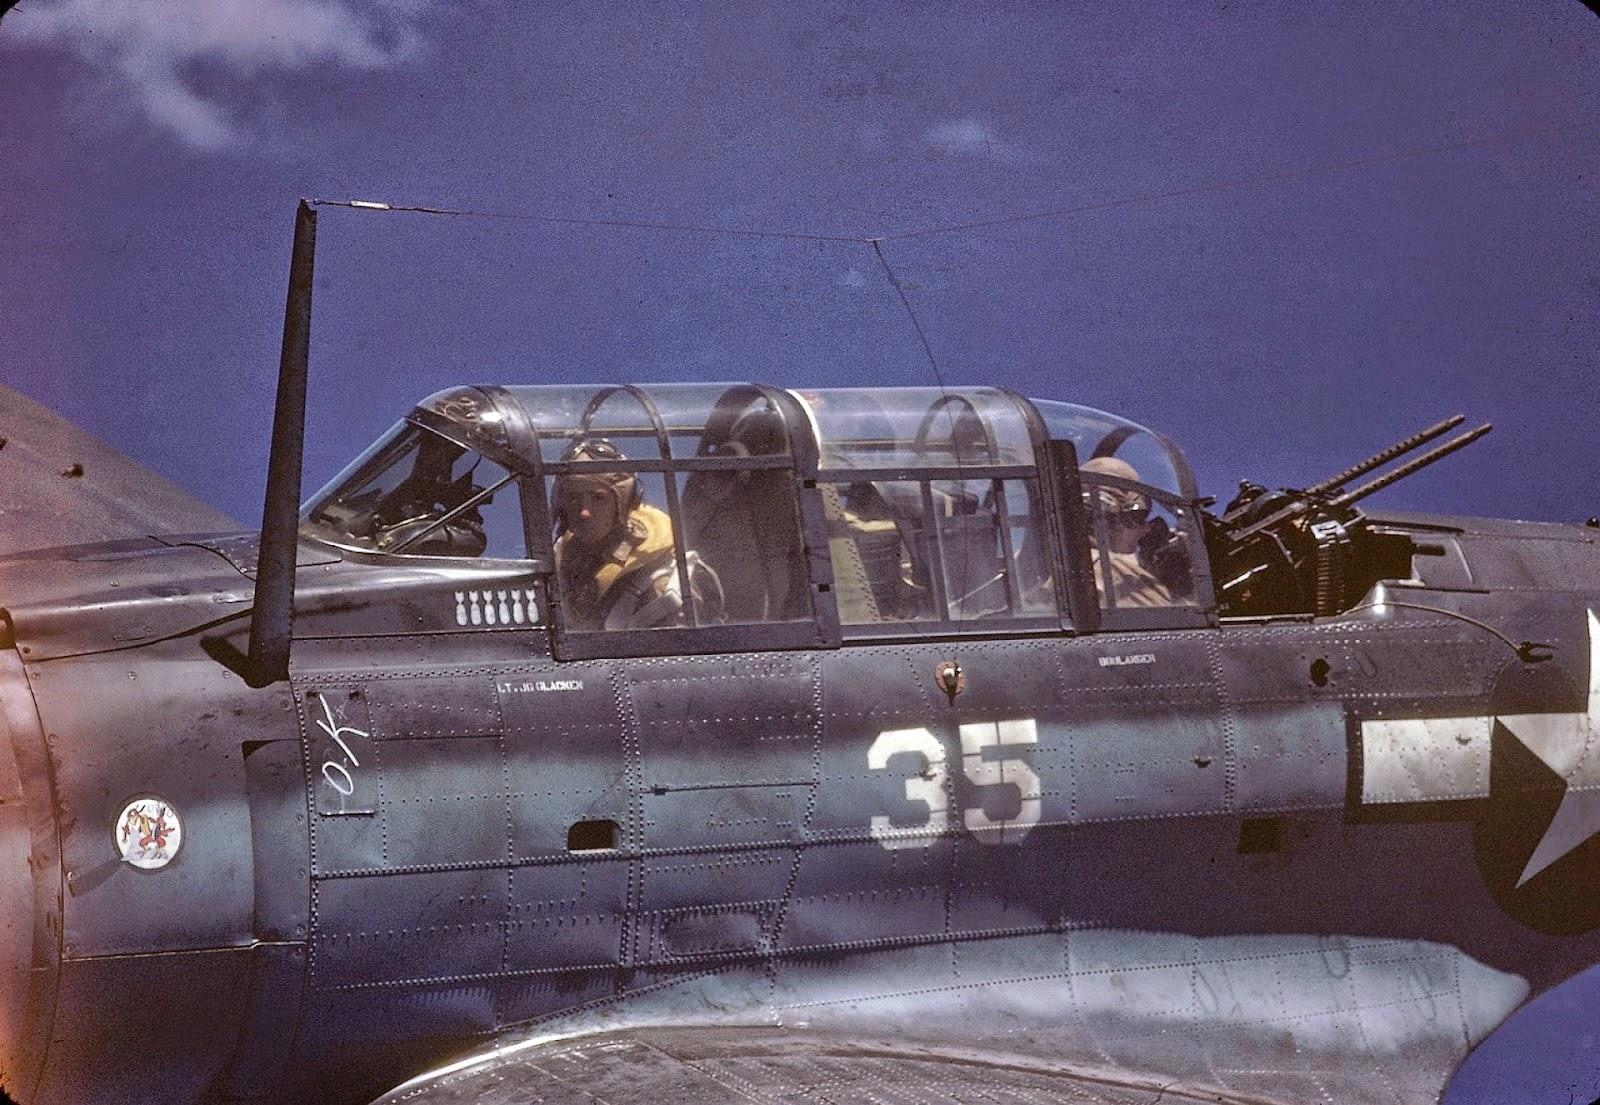 http://3.bp.blogspot.com/-d3CDXqVVk2w/VLacY2vNZiI/AAAAAAABOMw/_boetVPLxIo/s1600/Rare+Color+Photographs+from+World+War+II+(9).jpg